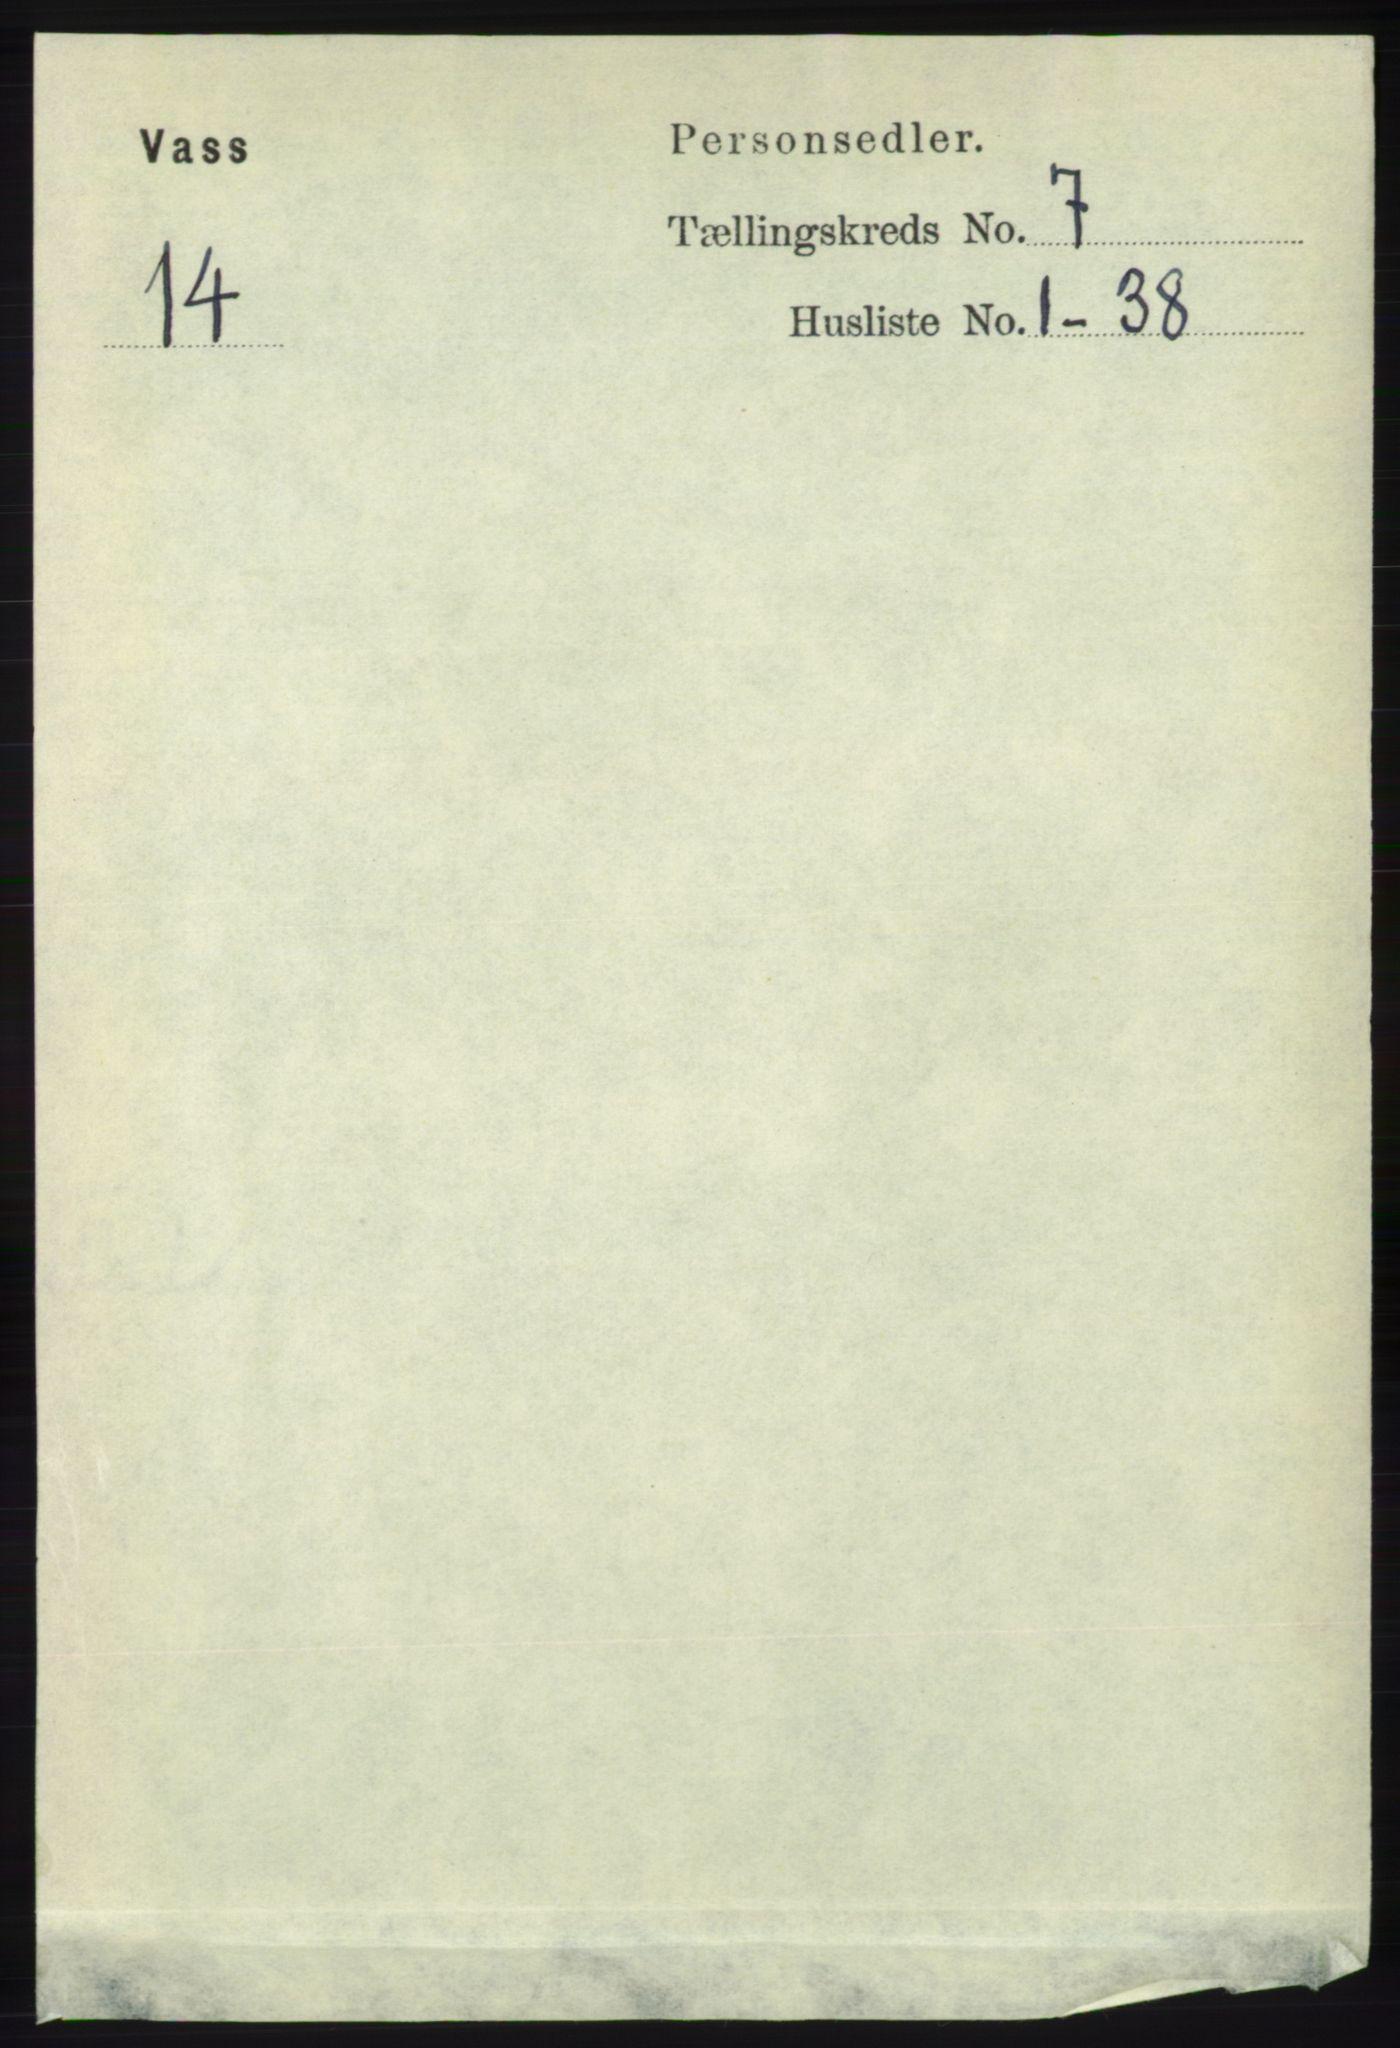 RA, Folketelling 1891 for 1155 Vats herred, 1891, s. 1099